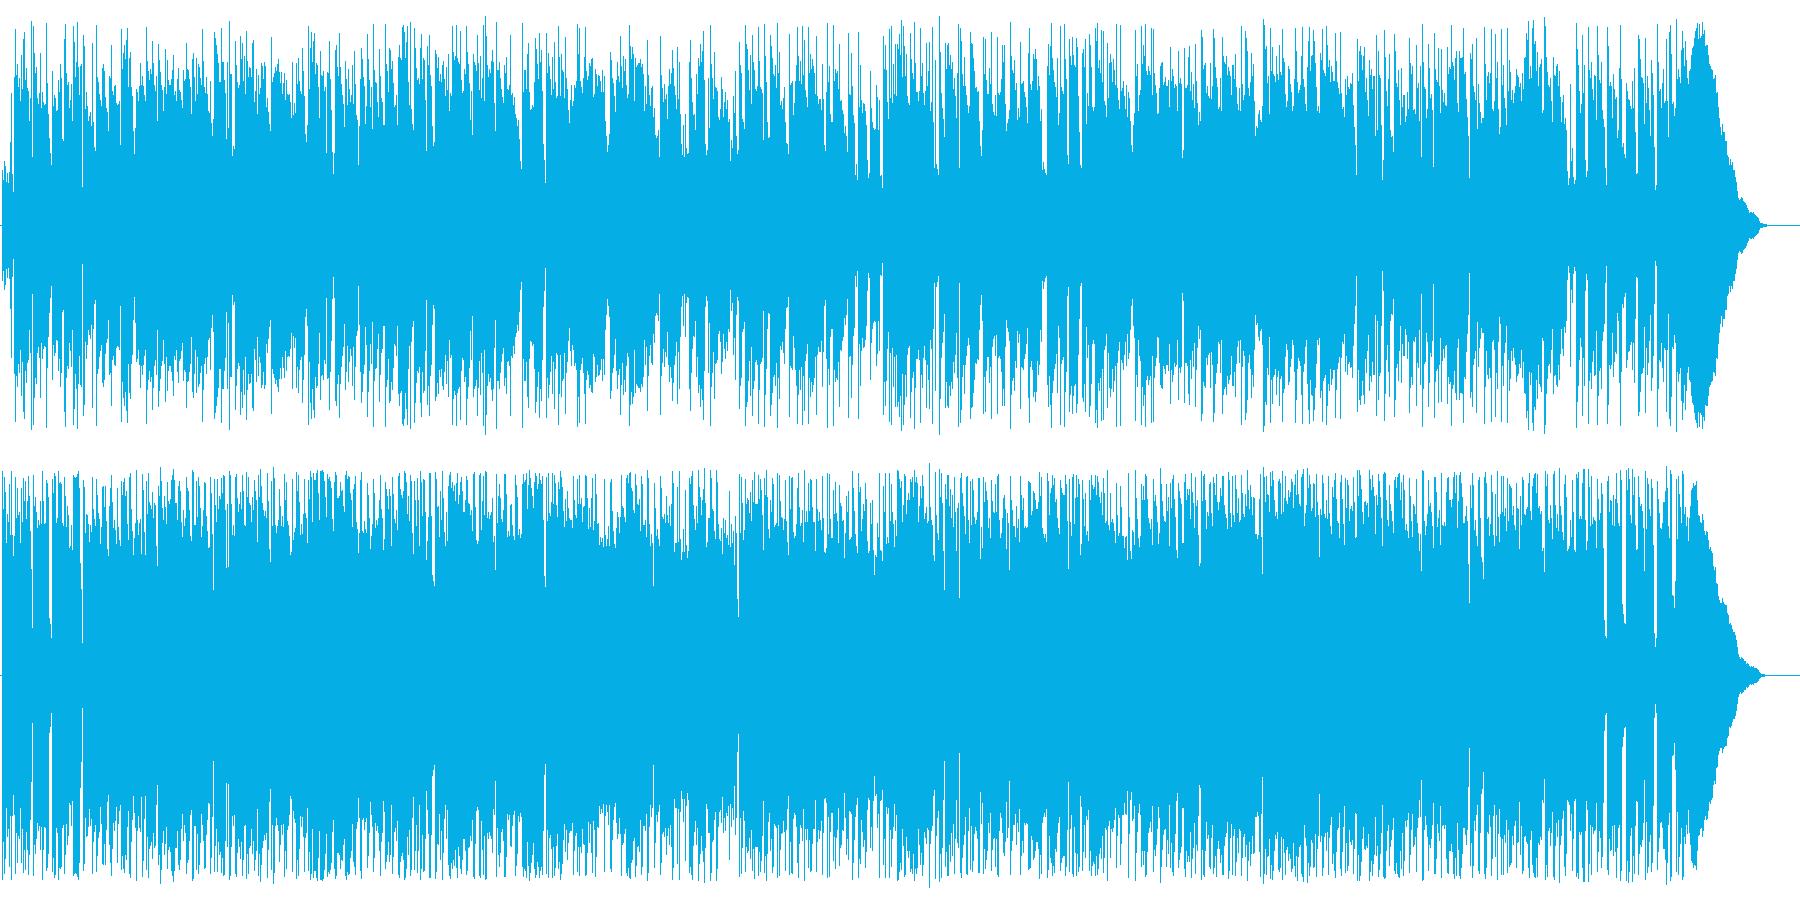 ひいらぎ飾ろう(acoustic)の再生済みの波形